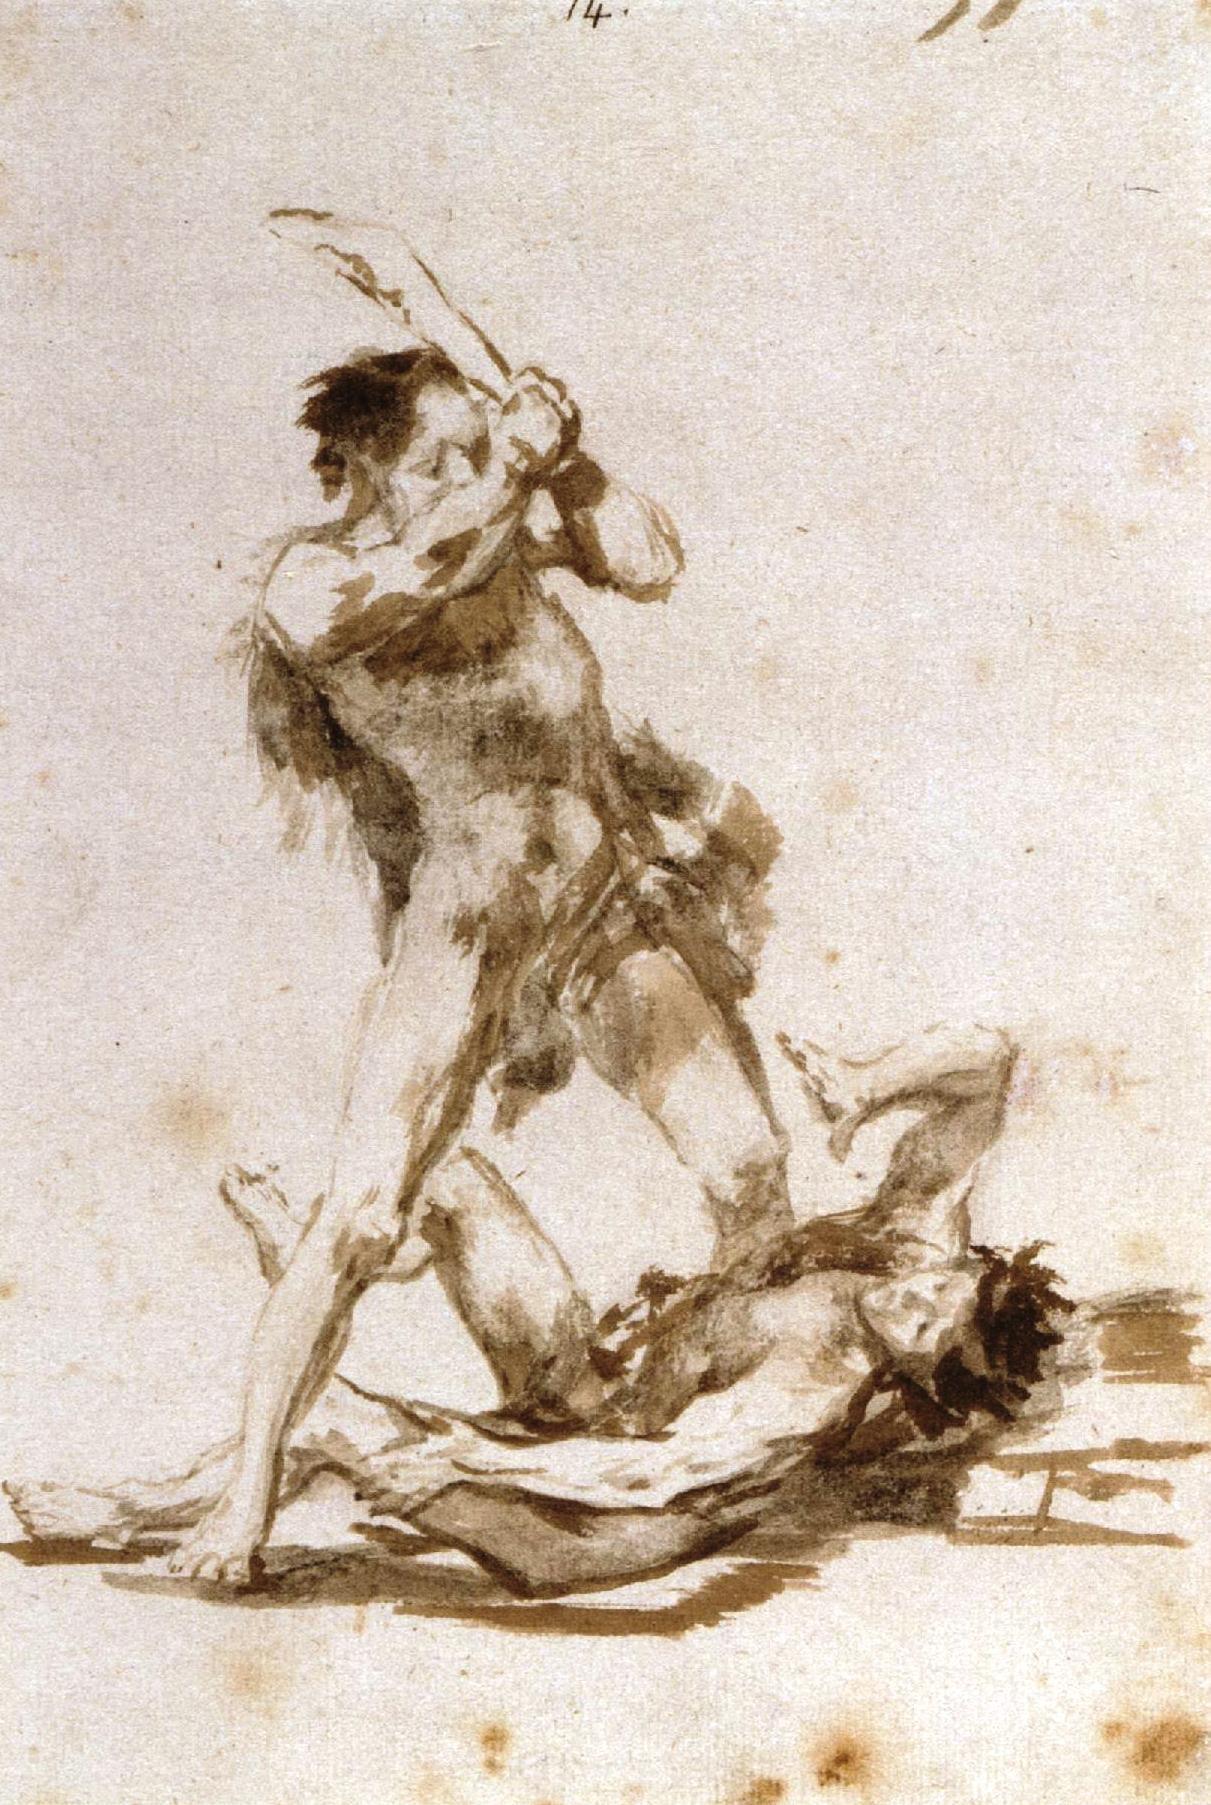 Francisco de Goya - Caín y Abel. Álbum C